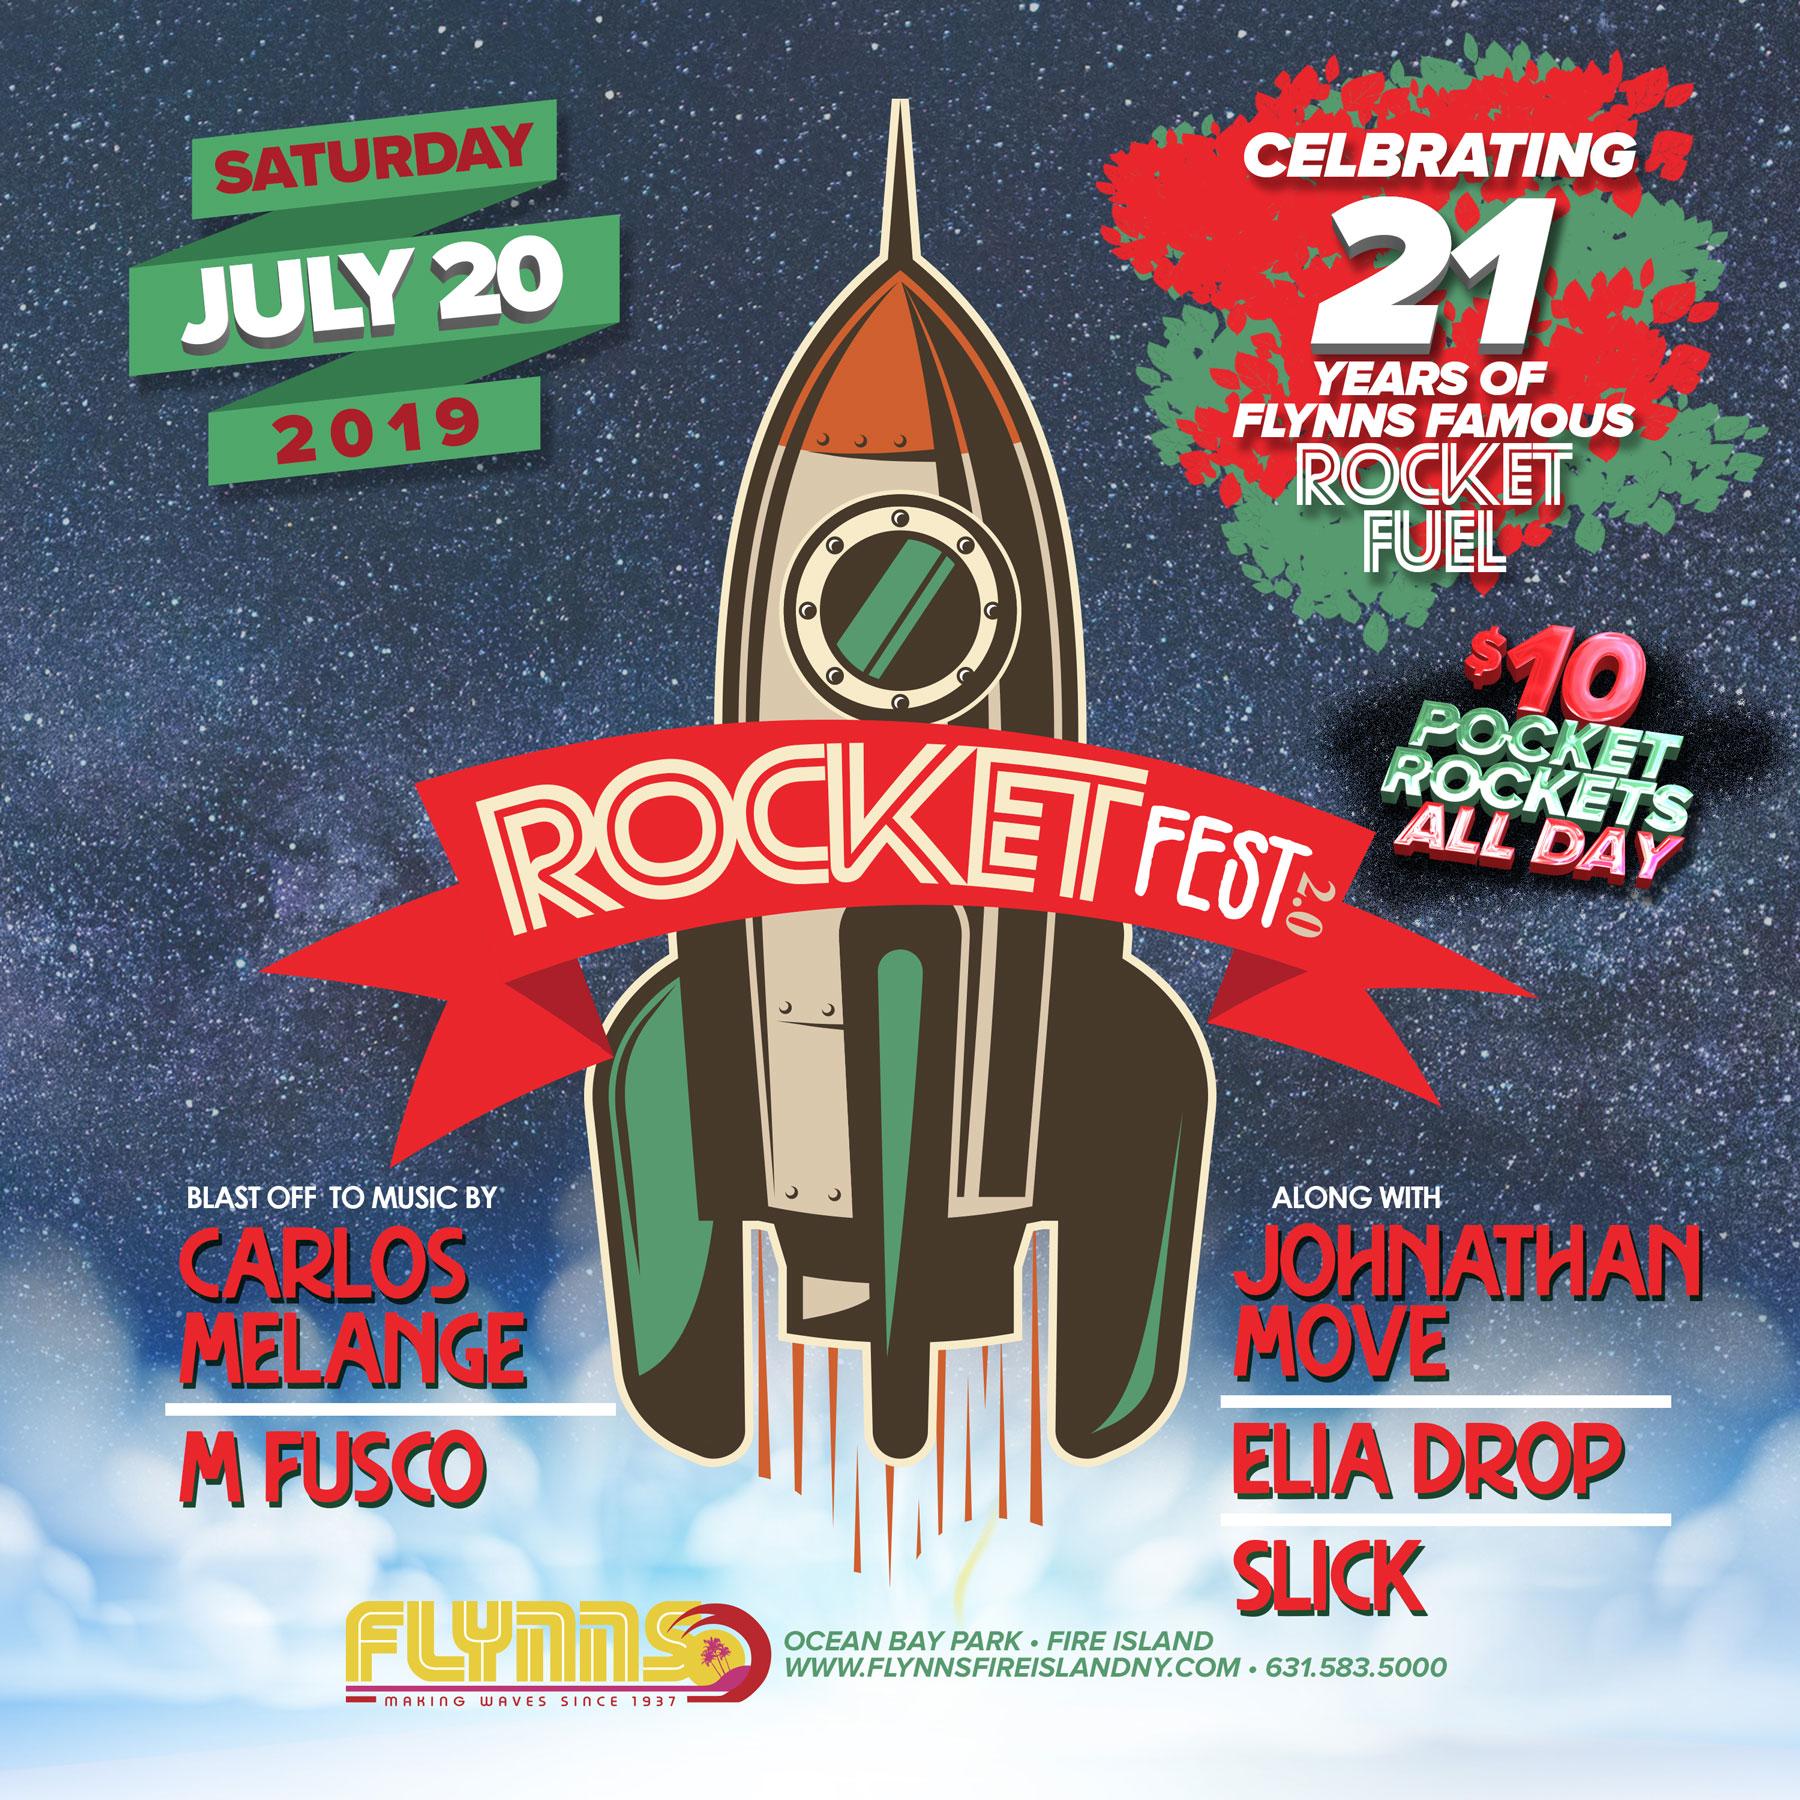 july-20th-Rocket-Fest.jpg